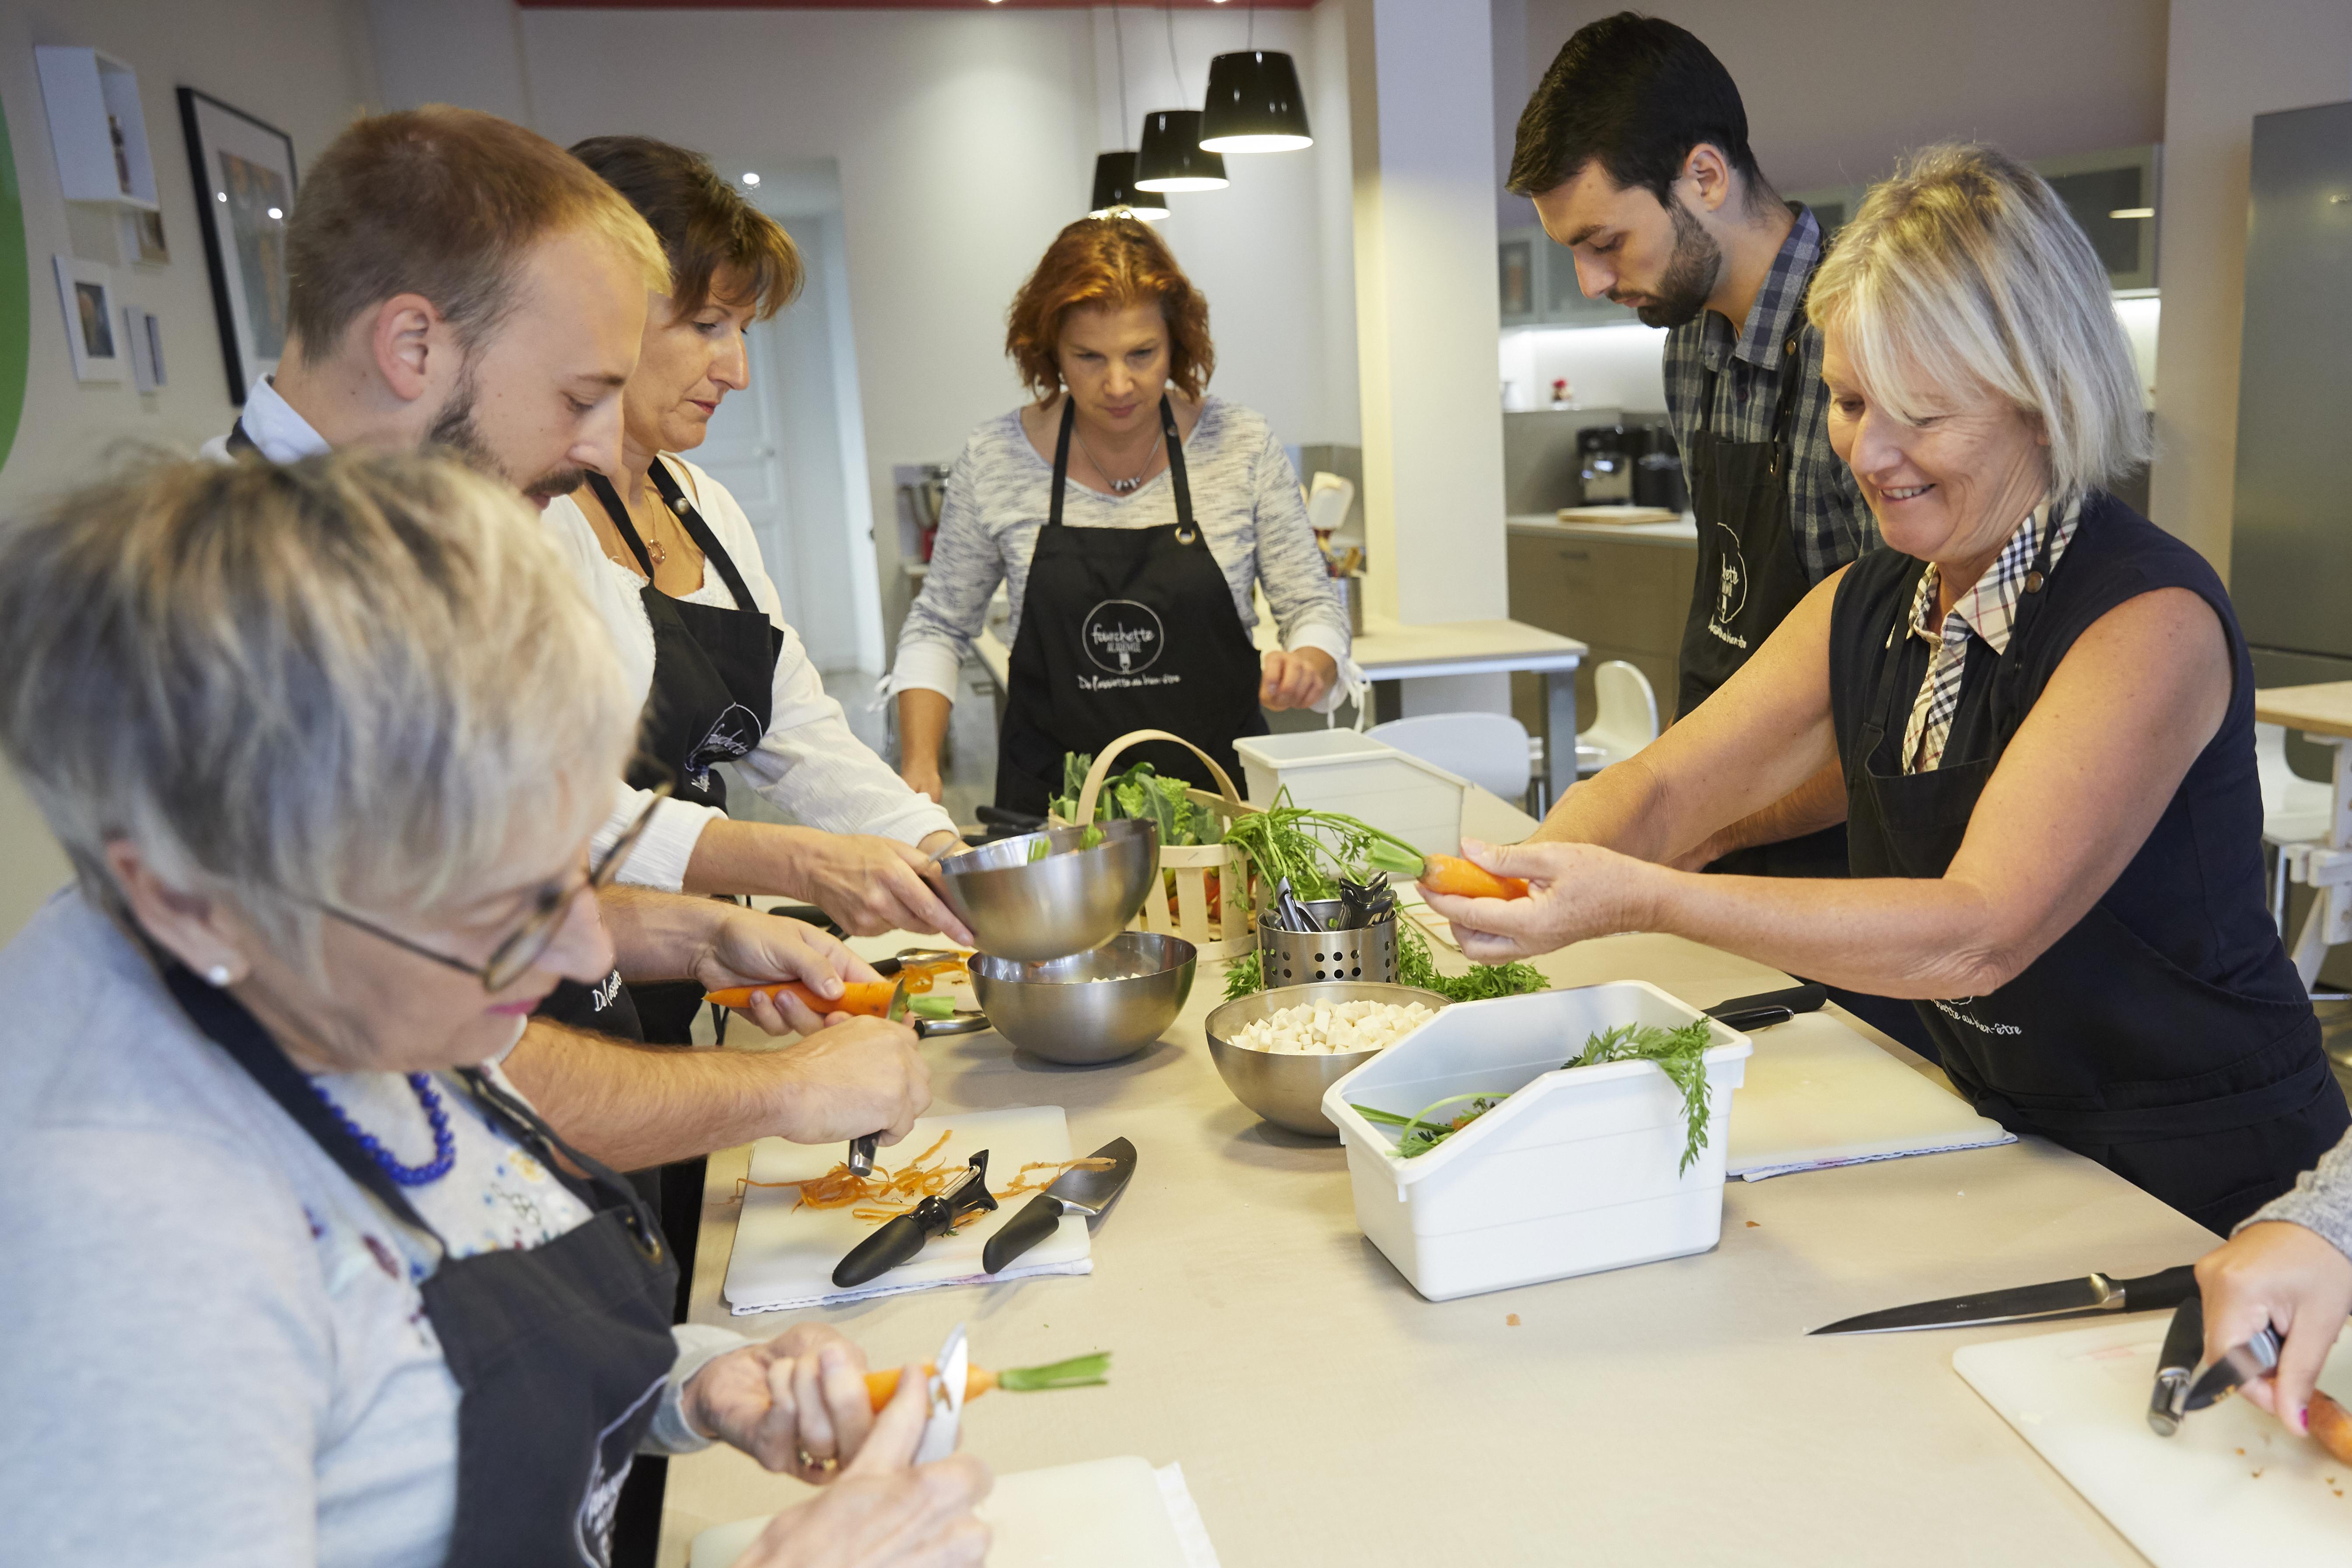 daurade fourchette academie atelier cuisine evjf laval labougeotte blog